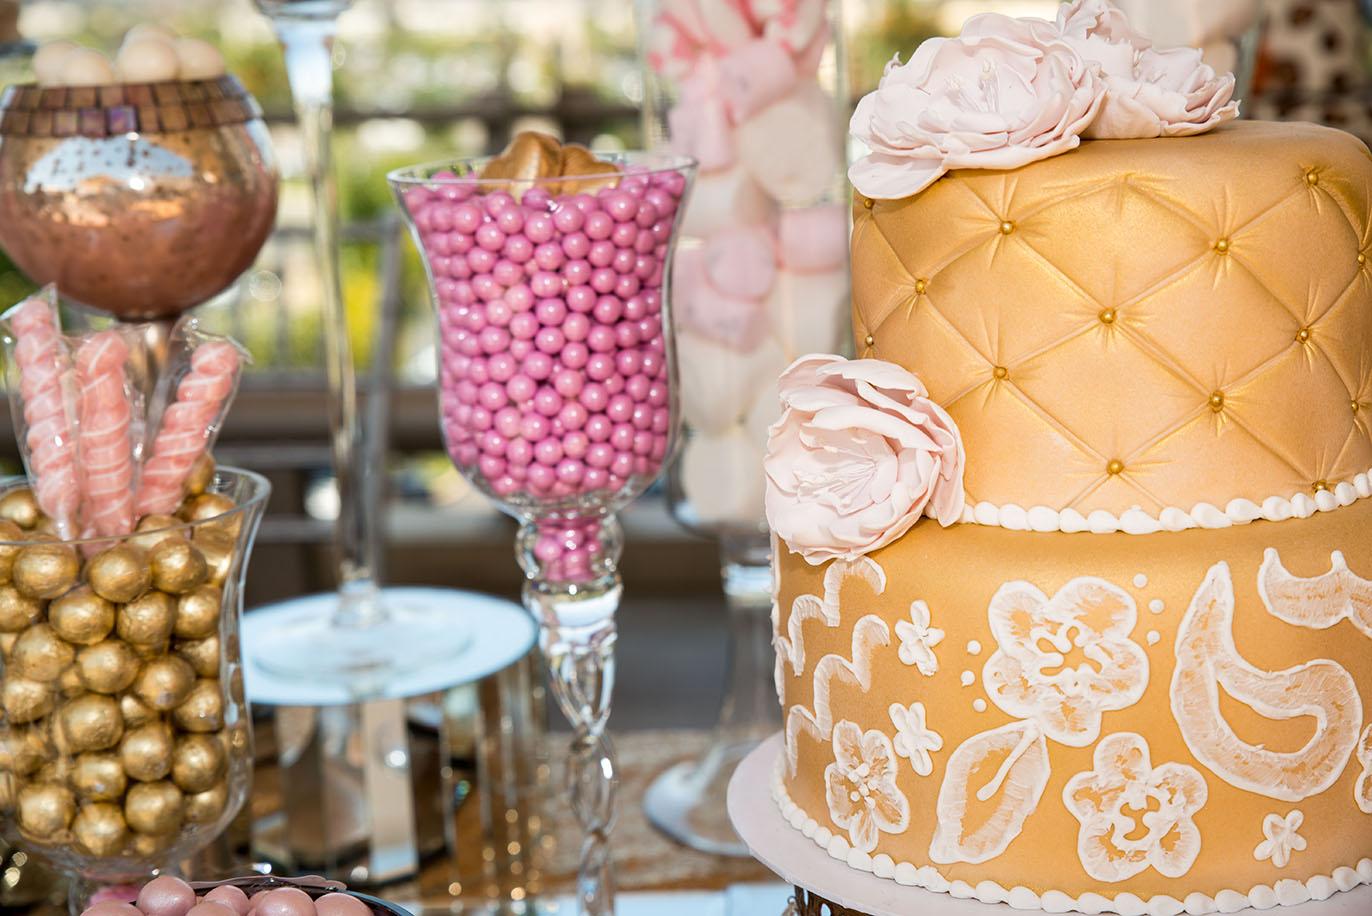 cake DSC_8189.jpg